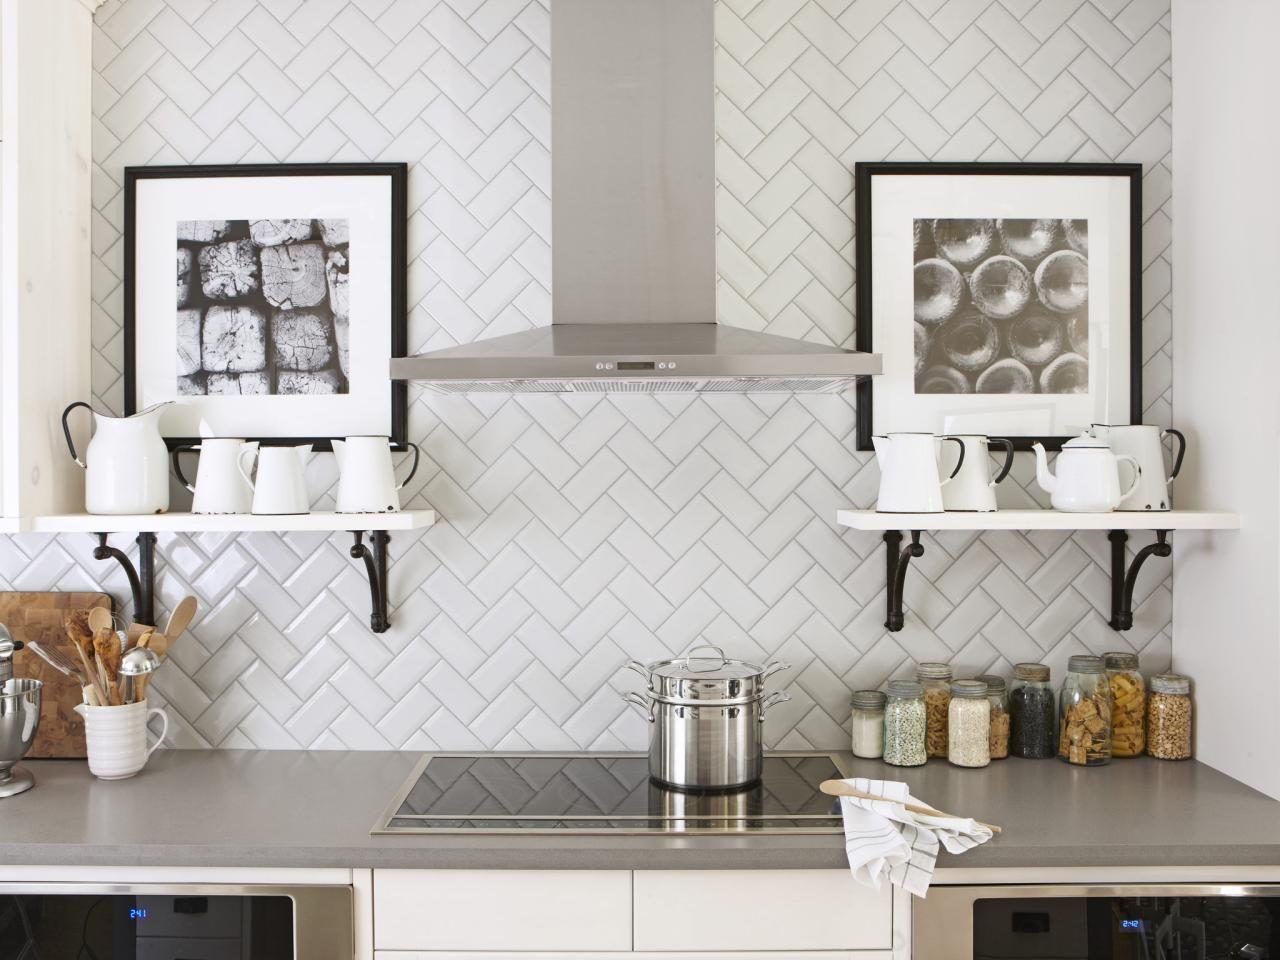 Kitchen Design Tips From HGTVu0027s Sarah Richardson   Kitchen Ideas U0026 Design  With Cabinets, Islands · Fischgrät FlieseAbgeschrägte ...